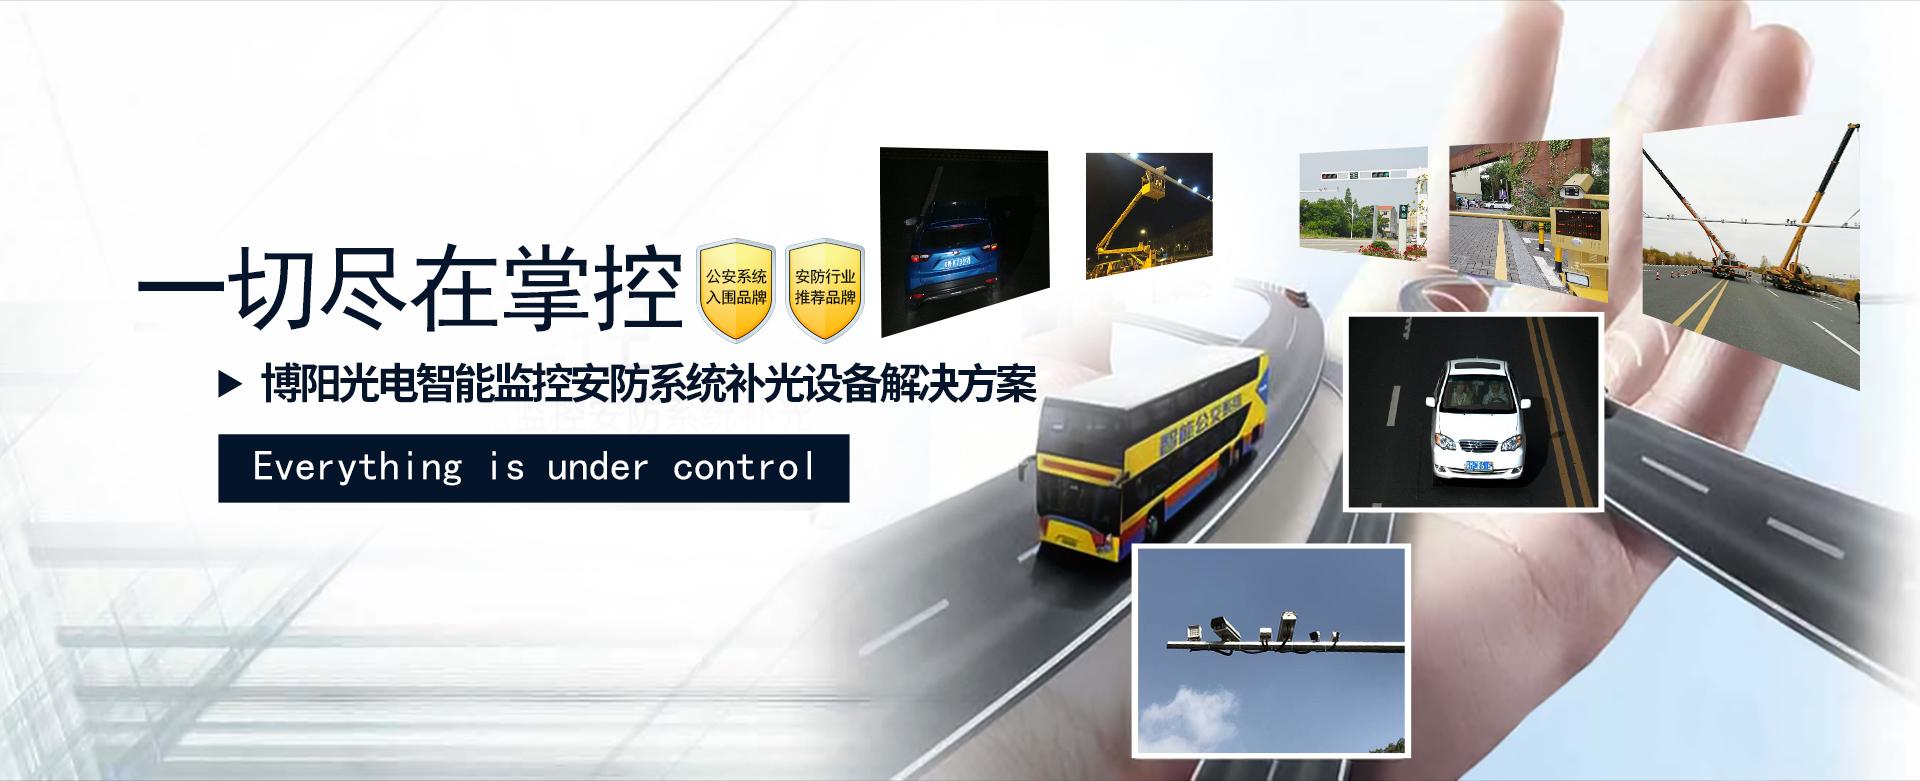 深圳市博阳光电科技有限公司